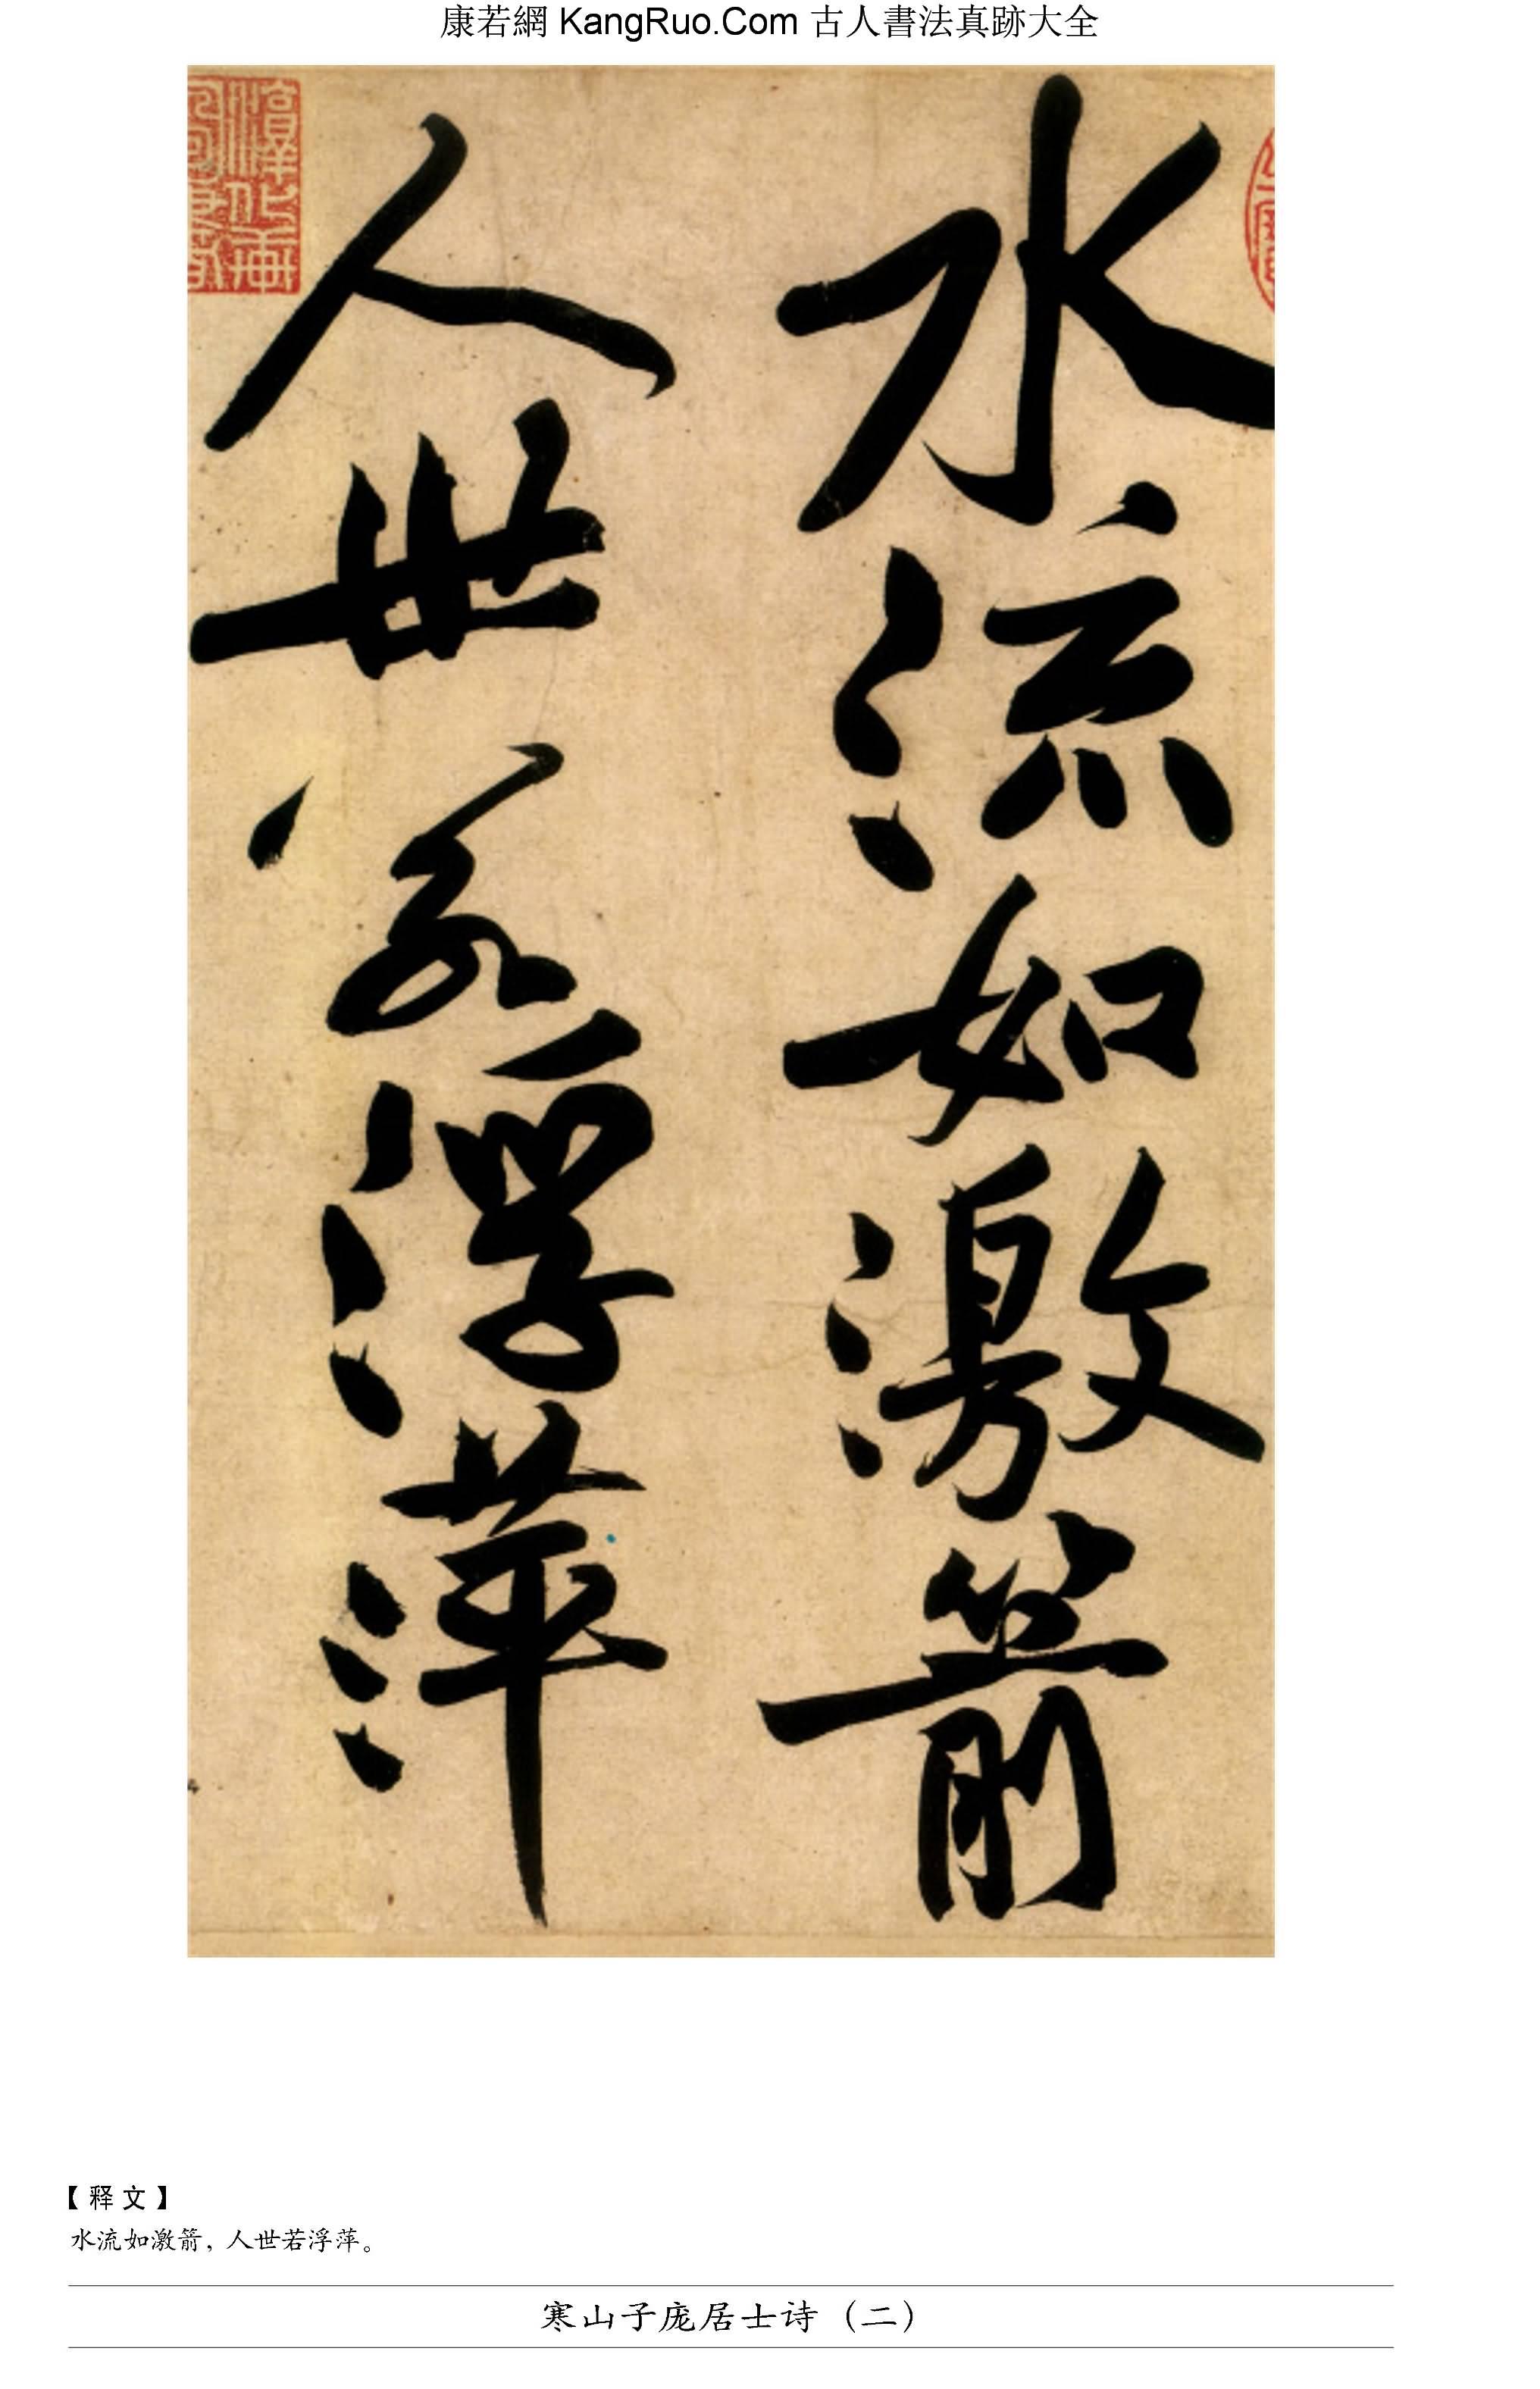 《寒山子龐居士詩》書法真跡(行書)【宋朝·黃庭堅】_00261